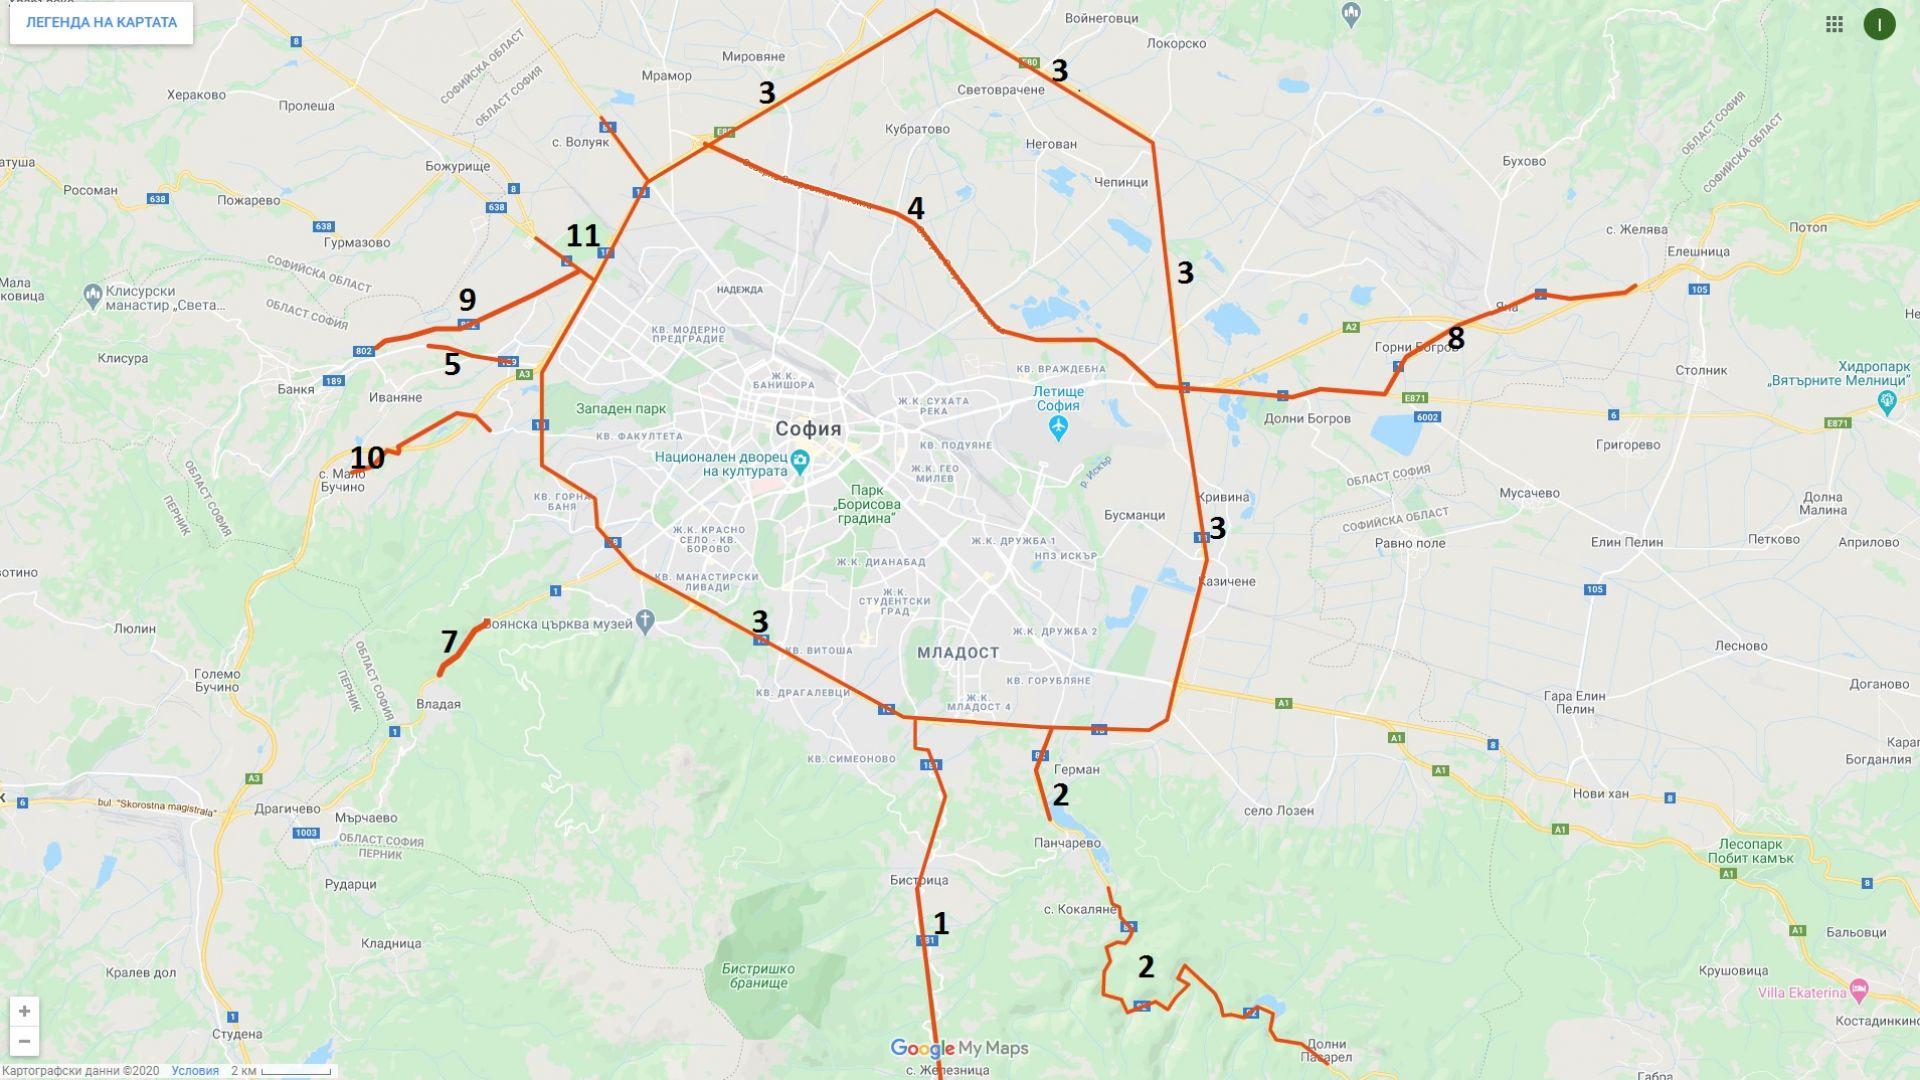 Фандъкова публикува карта на пътищата без винетка на територията на Столична община